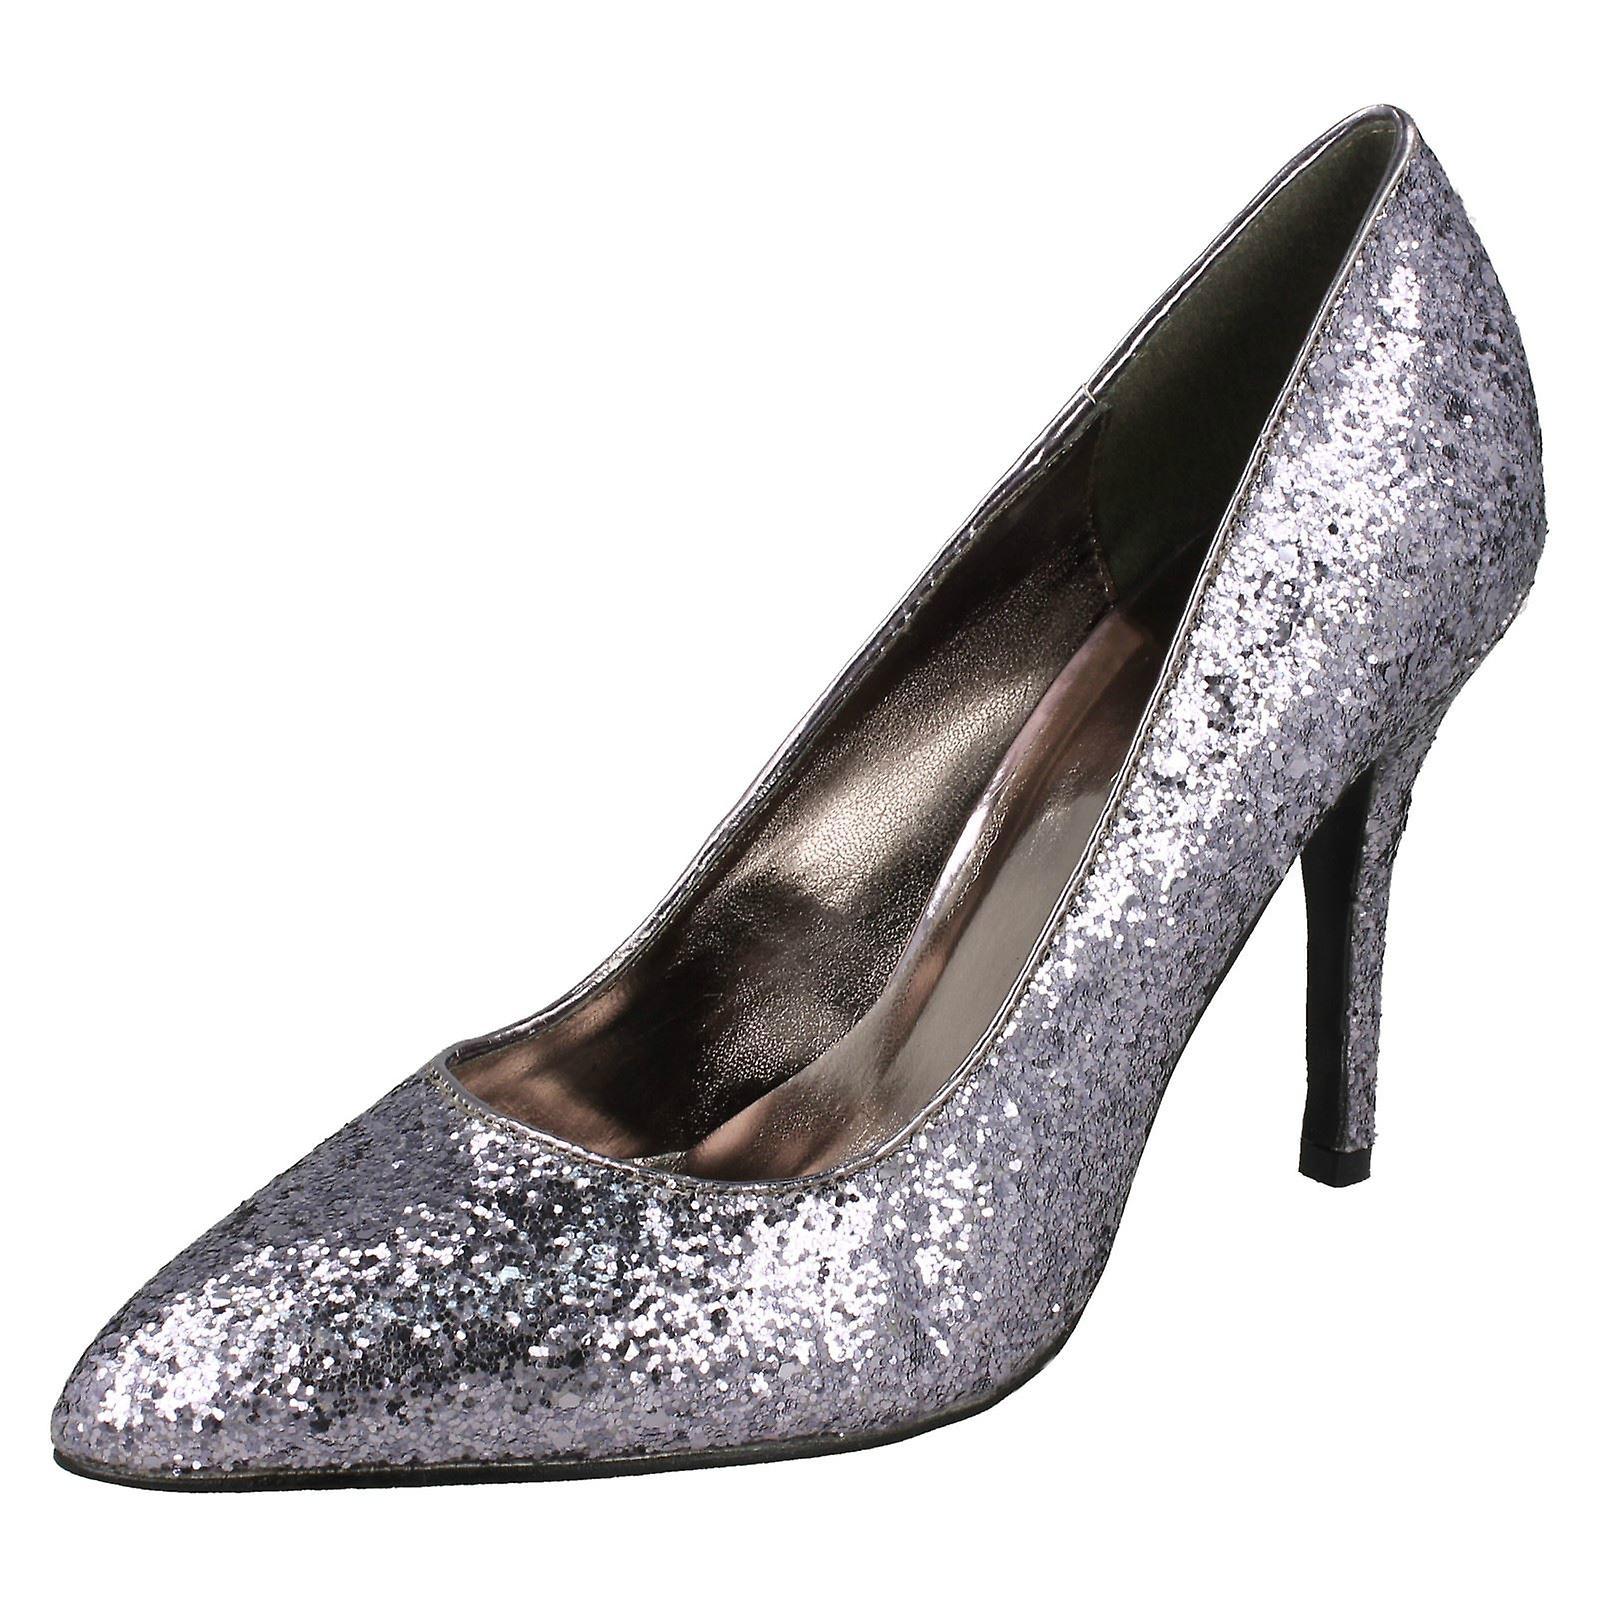 mesdames anne - michelle chaussure pailleté cour chaussure michelle 8be7cf